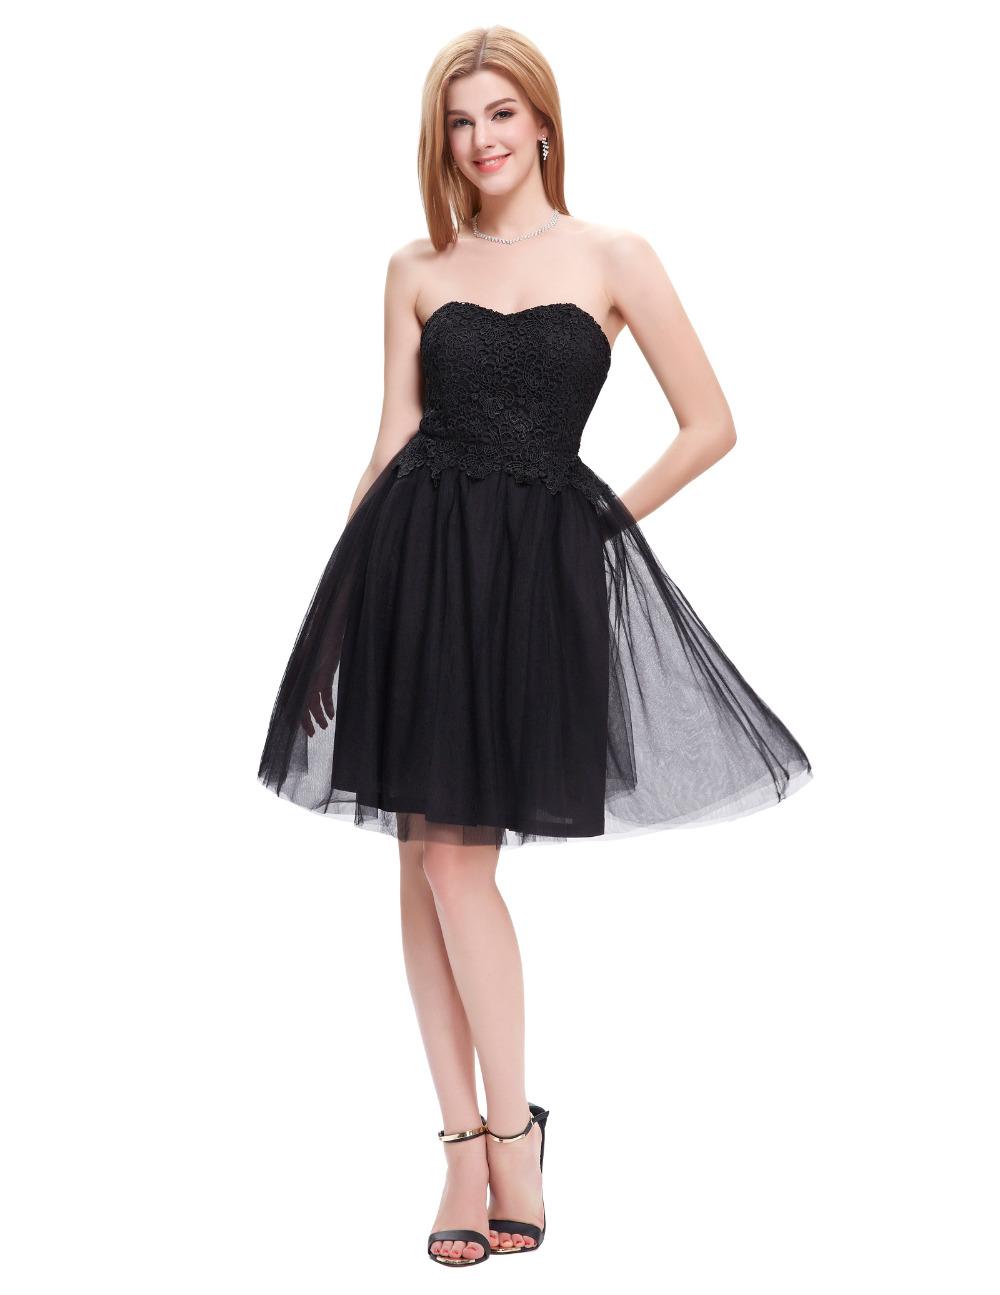 robe de soiree courte elegant 2016 black white pink short lace evening dress for wedding dinner. Black Bedroom Furniture Sets. Home Design Ideas